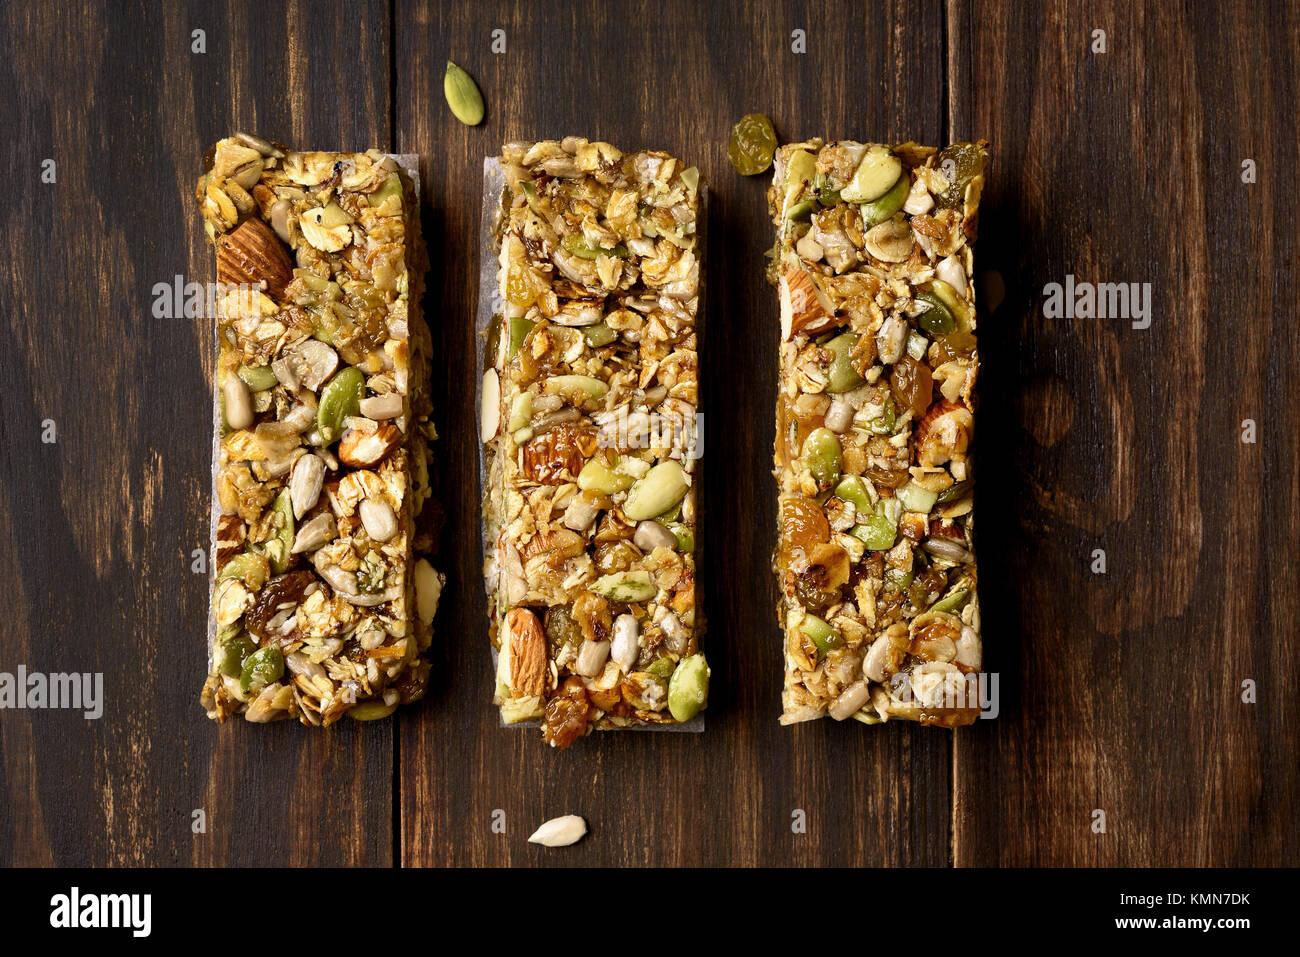 Barra de granola de cereales. Tentempié energético sobre fondo de madera. Vista superior, plana sentar Imagen De Stock